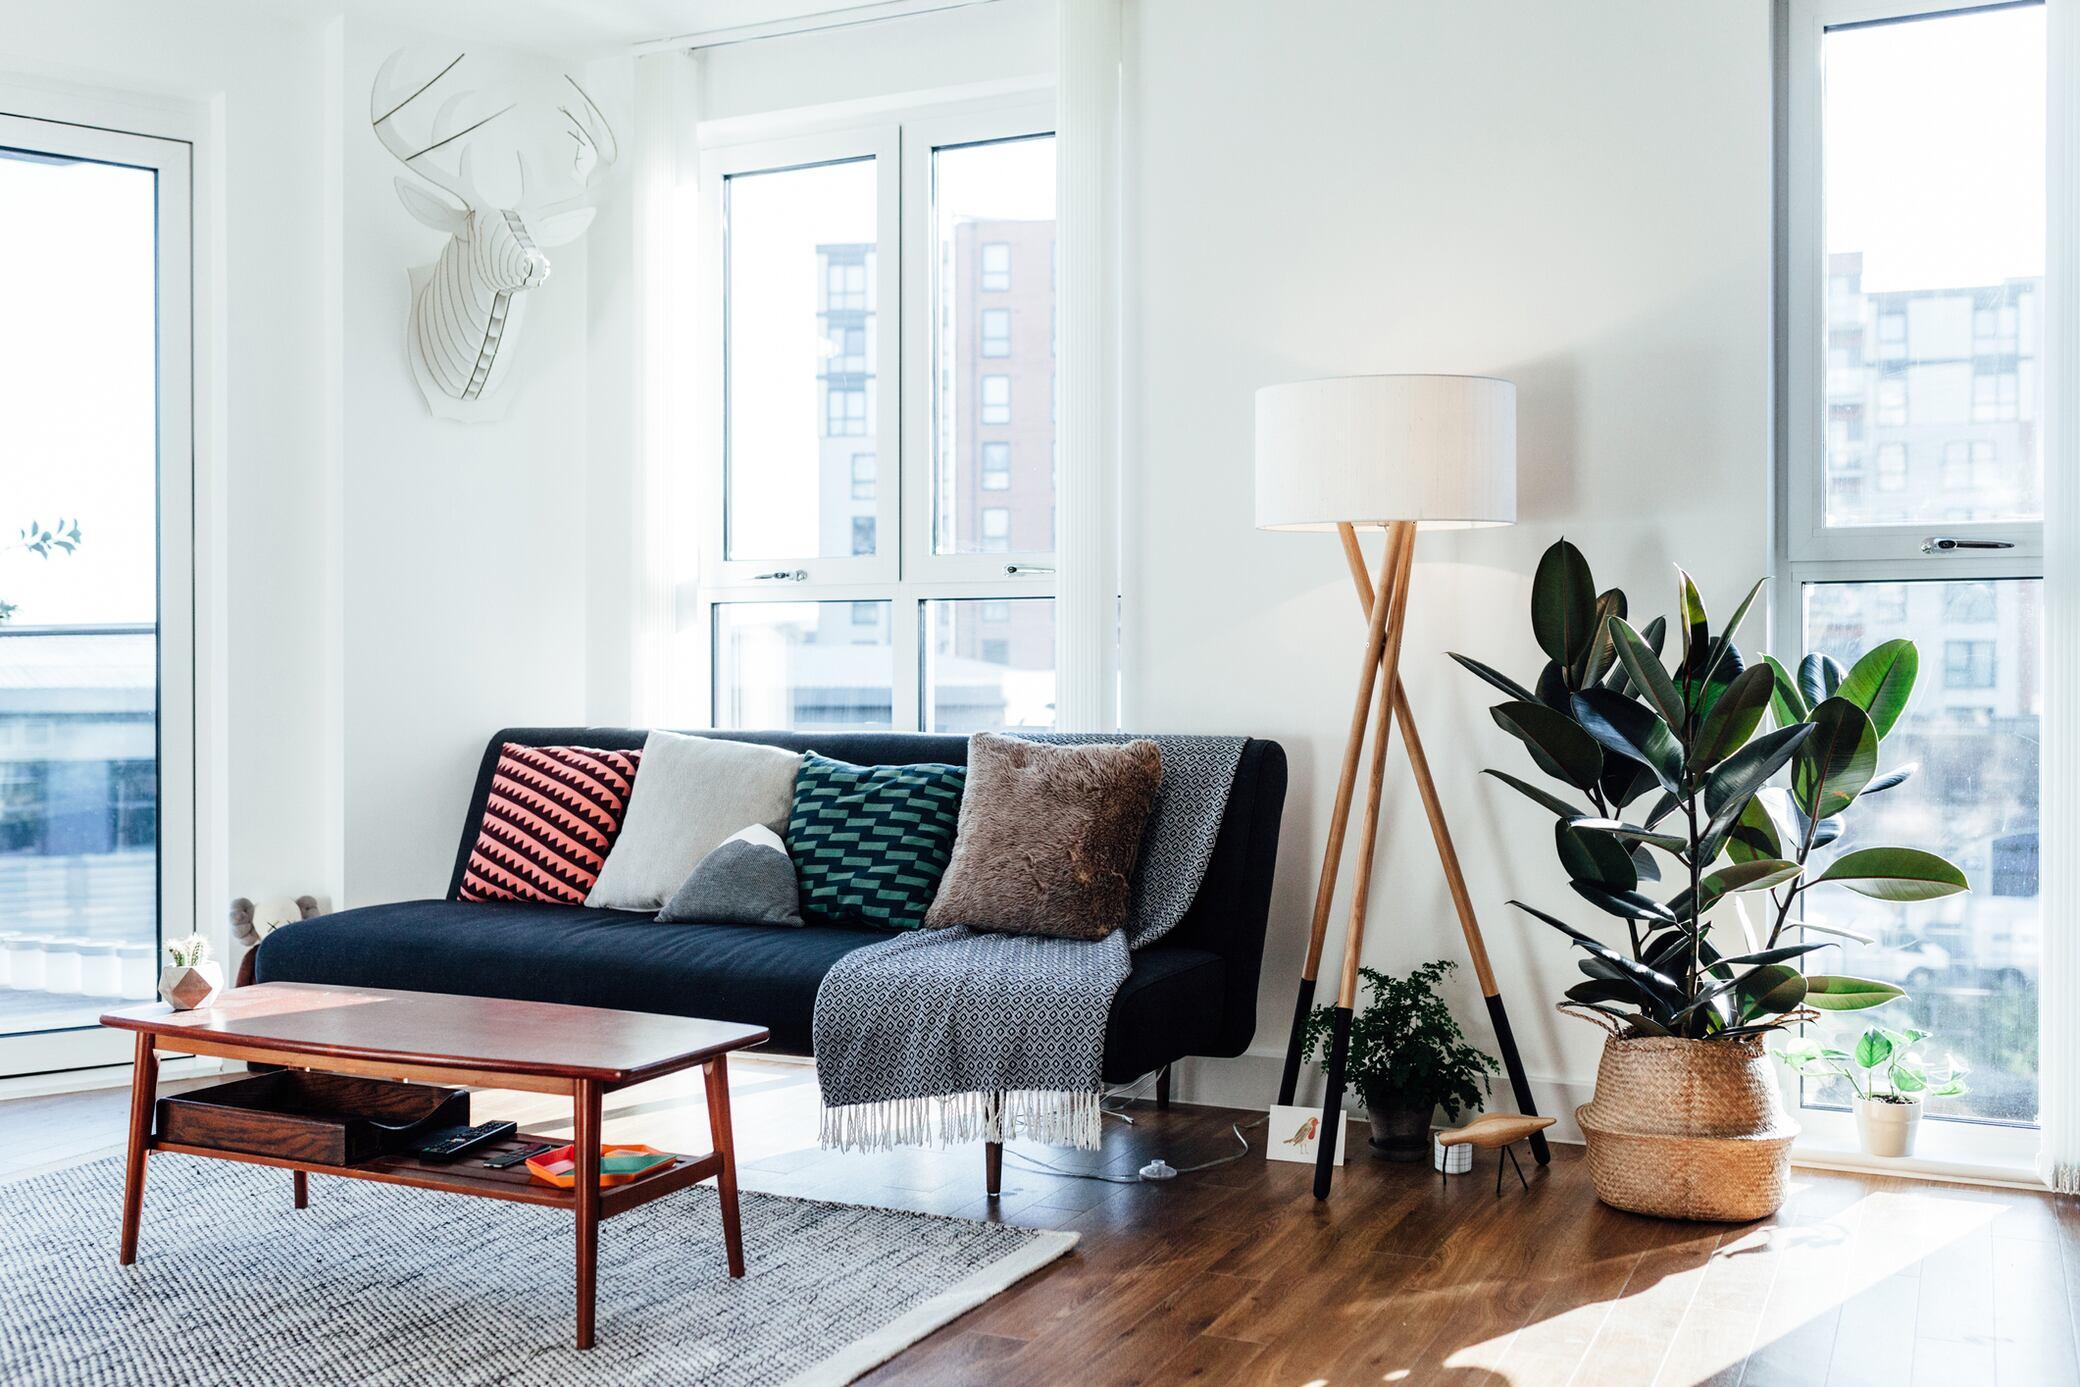 Möbel positionieren: Wie stehen sie richtig im Raum?